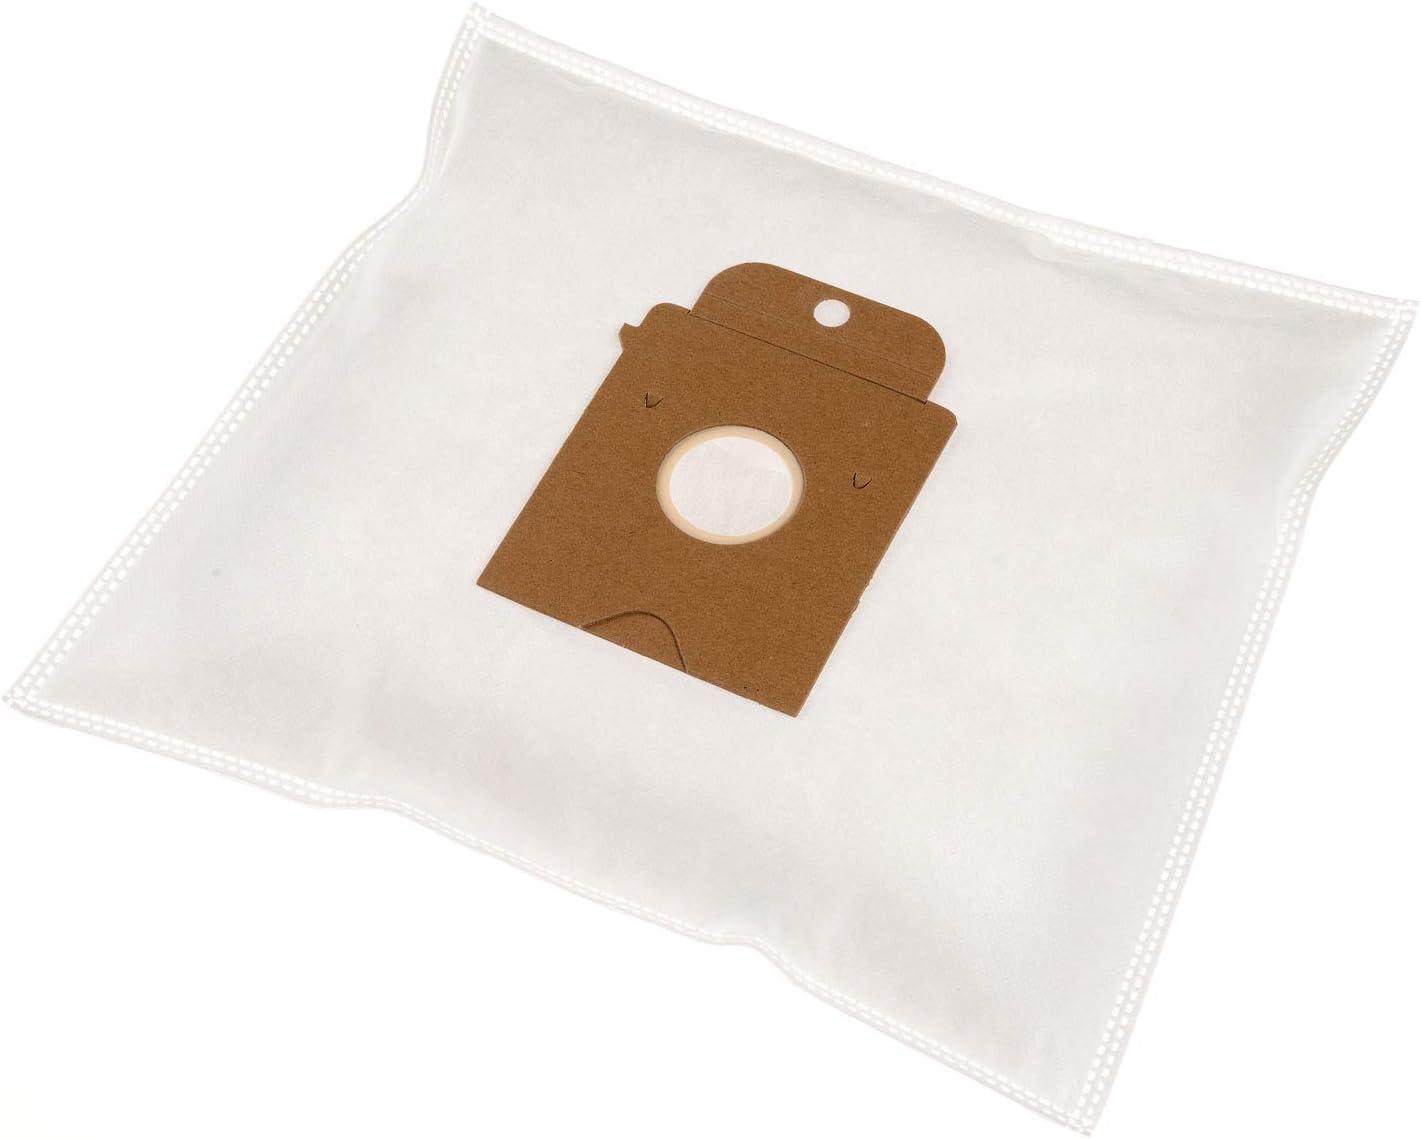 Carlas SBP09-SIE - Bolsas de tela para aspiradoras Siemens Big Bag 3 L/SUPER SX/SMILY/ORIGINAL VZ71 AFK (20 unidades, 5 capas, incluye filtro adicional) 10x: Amazon.es: Hogar